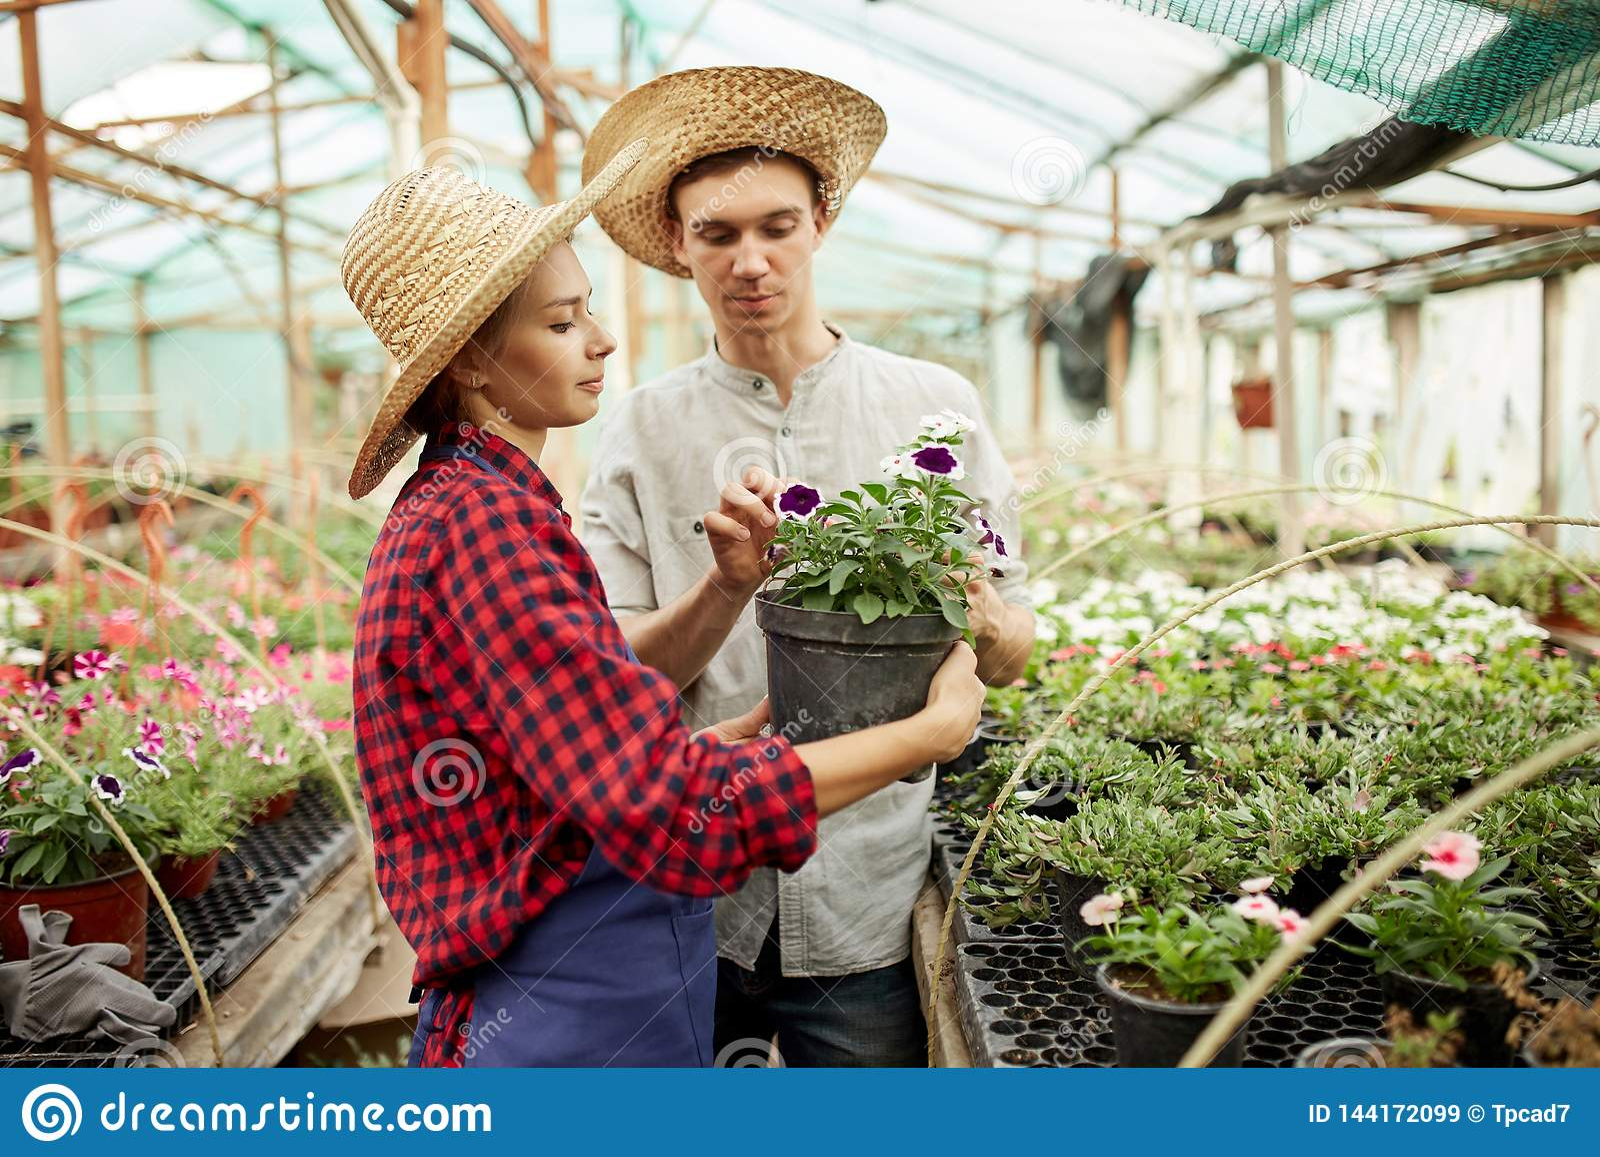 Faceta i dziewczyny ogrodniczki w słomianych kapeluszy spojrzenia przy garnkiem z kwiatem w szklarni na słonecznym dniu i chwyty